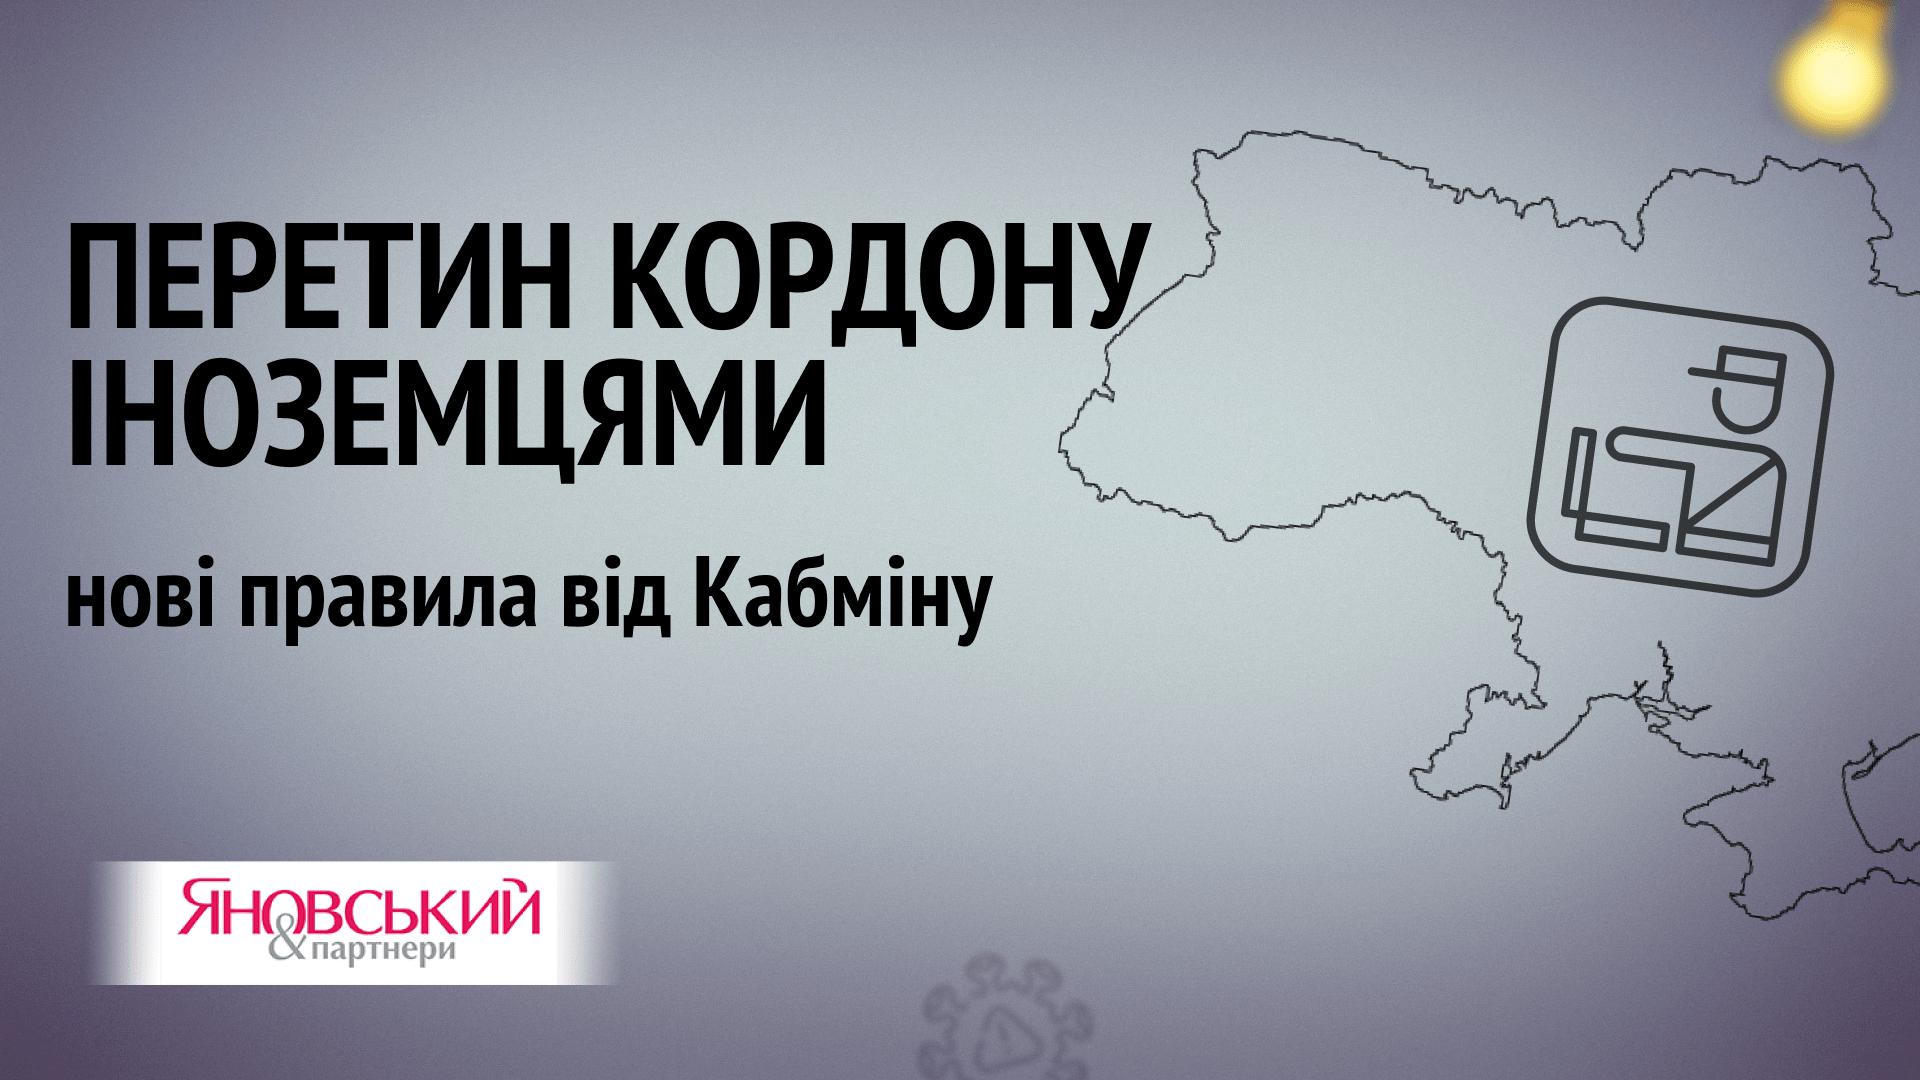 За яких умов іноземці можуть потрапити на територію України в жовтні